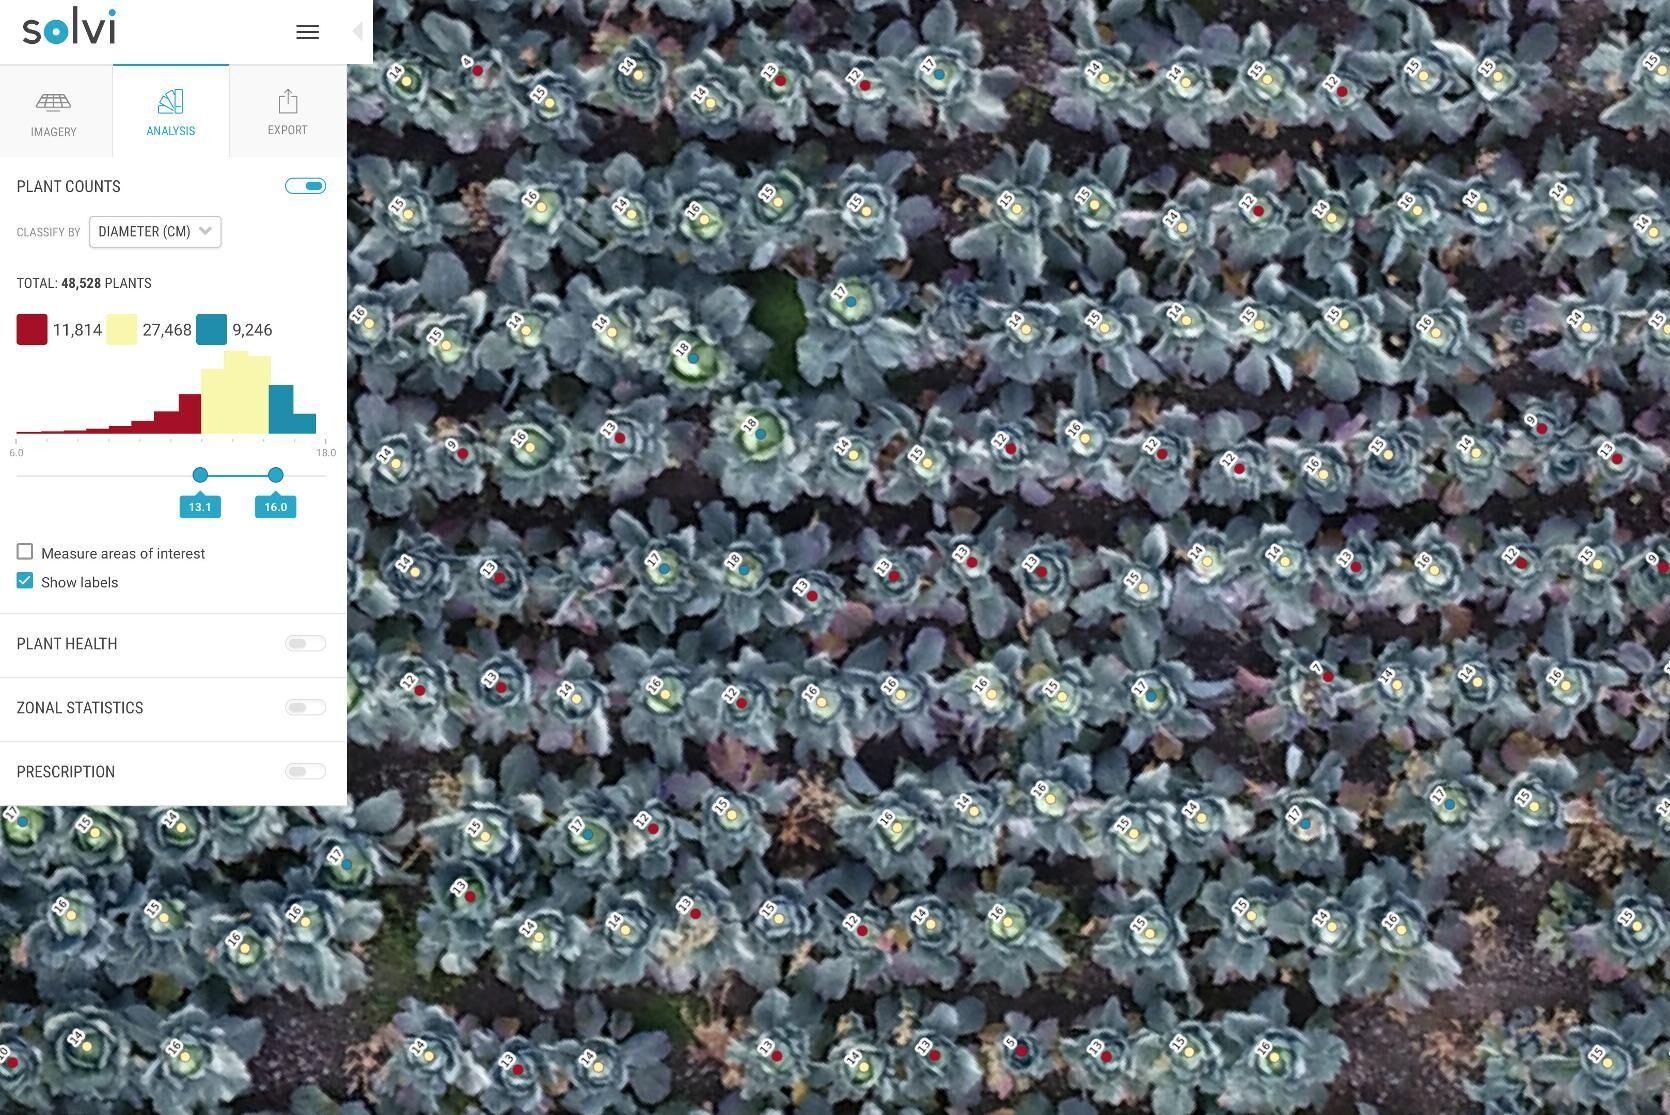 Med hjälp av drönaren kan man inte bara räkna ogräs, utan även göra skördeprognoser i grönsaker.